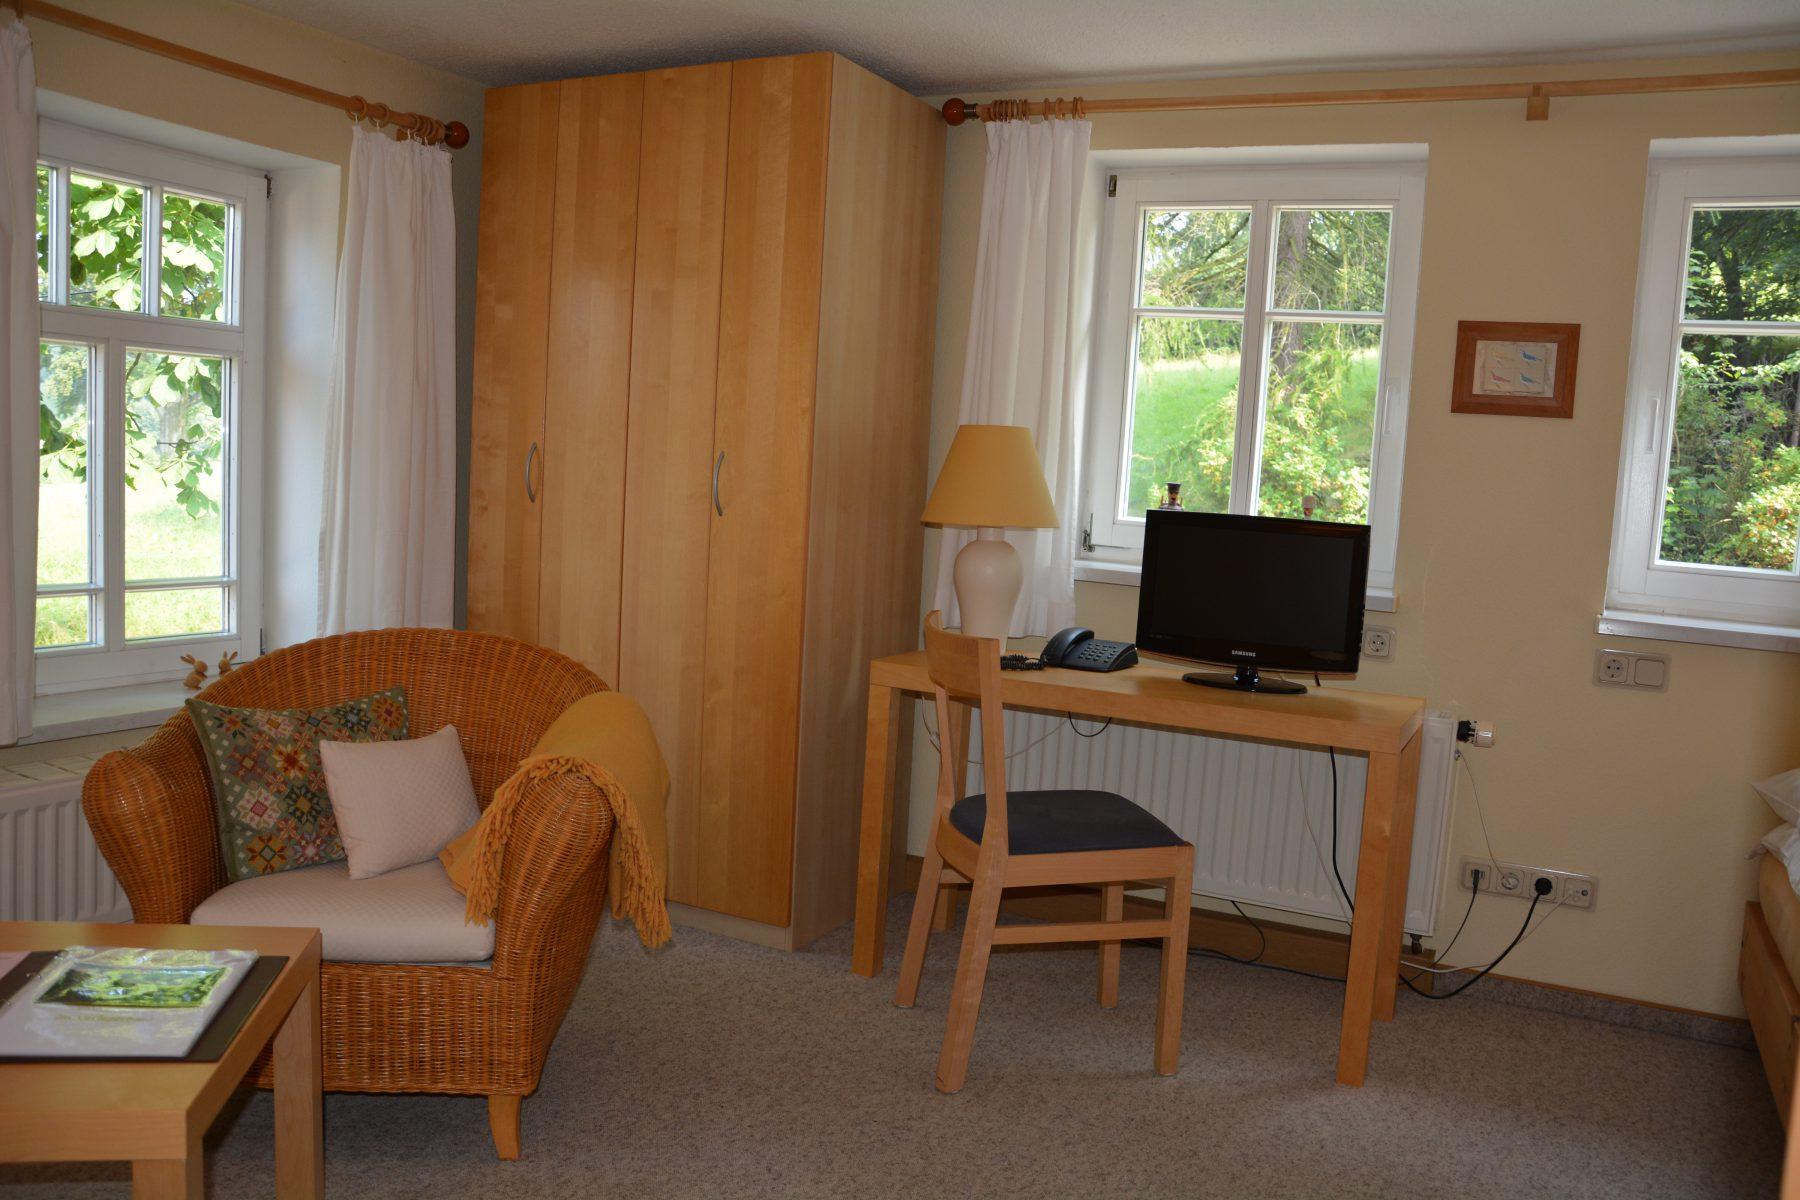 Ferienwohnung im Verlegerhaus Seiffen Kategorie N3a Detail Wohnzimmer